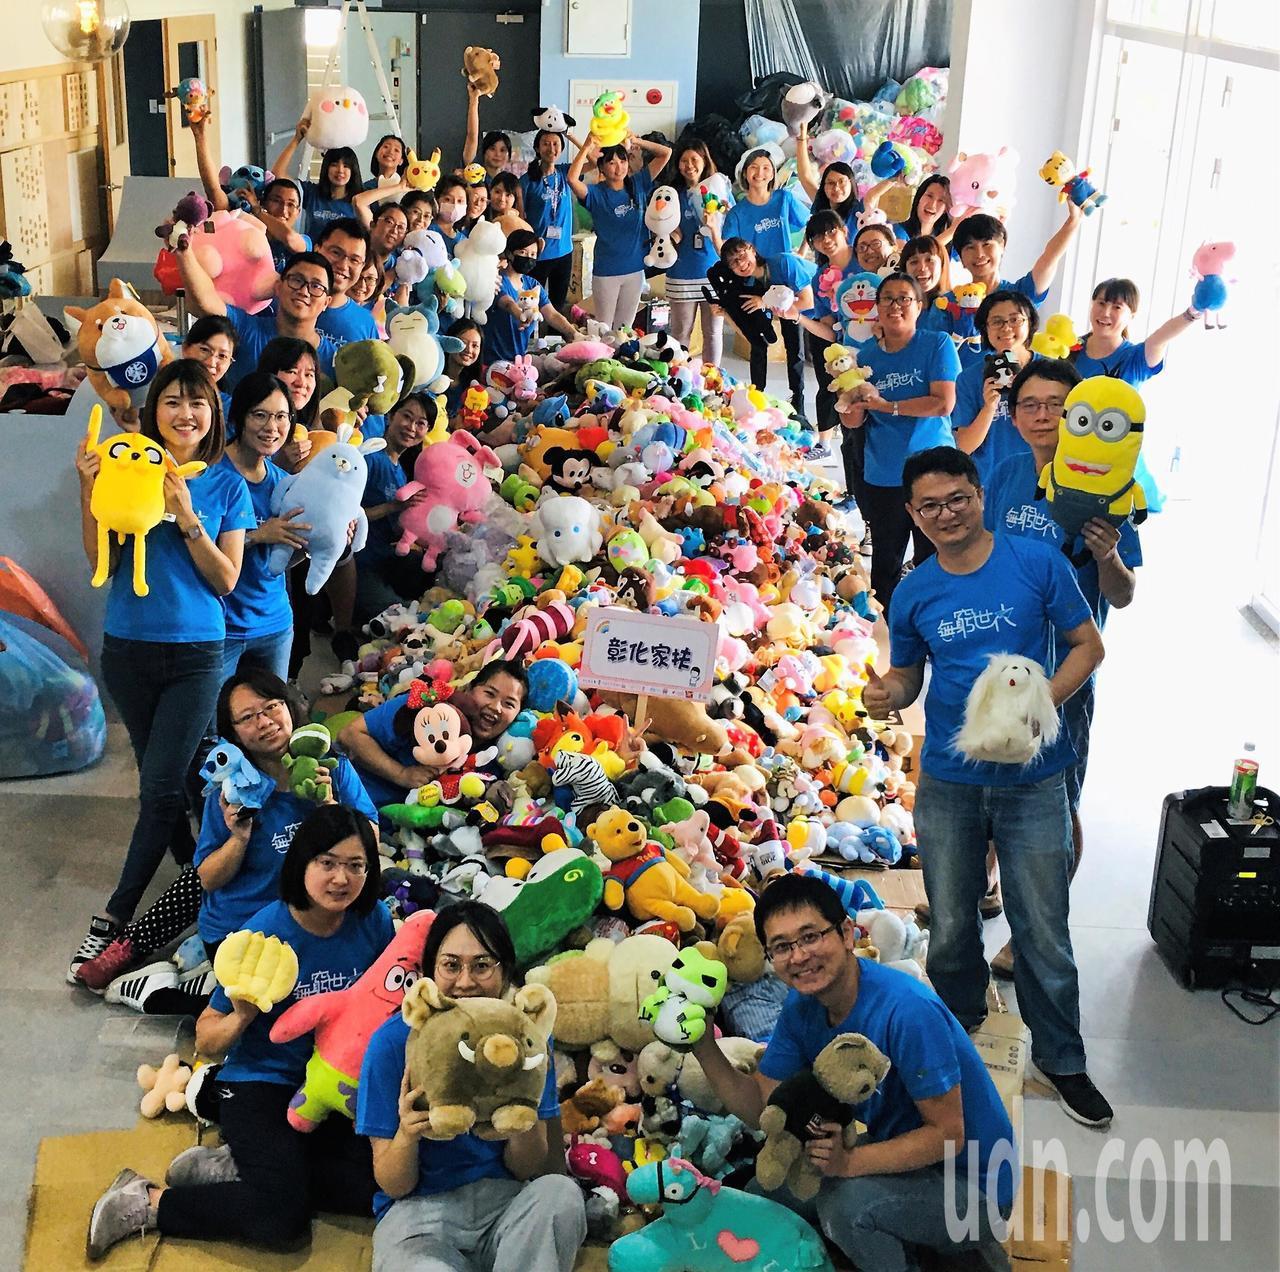 上萬隻愛心玩偶從全台各地湧進彰化家扶中心,家扶中心員工讚嘆社會的愛心,非常感動。...